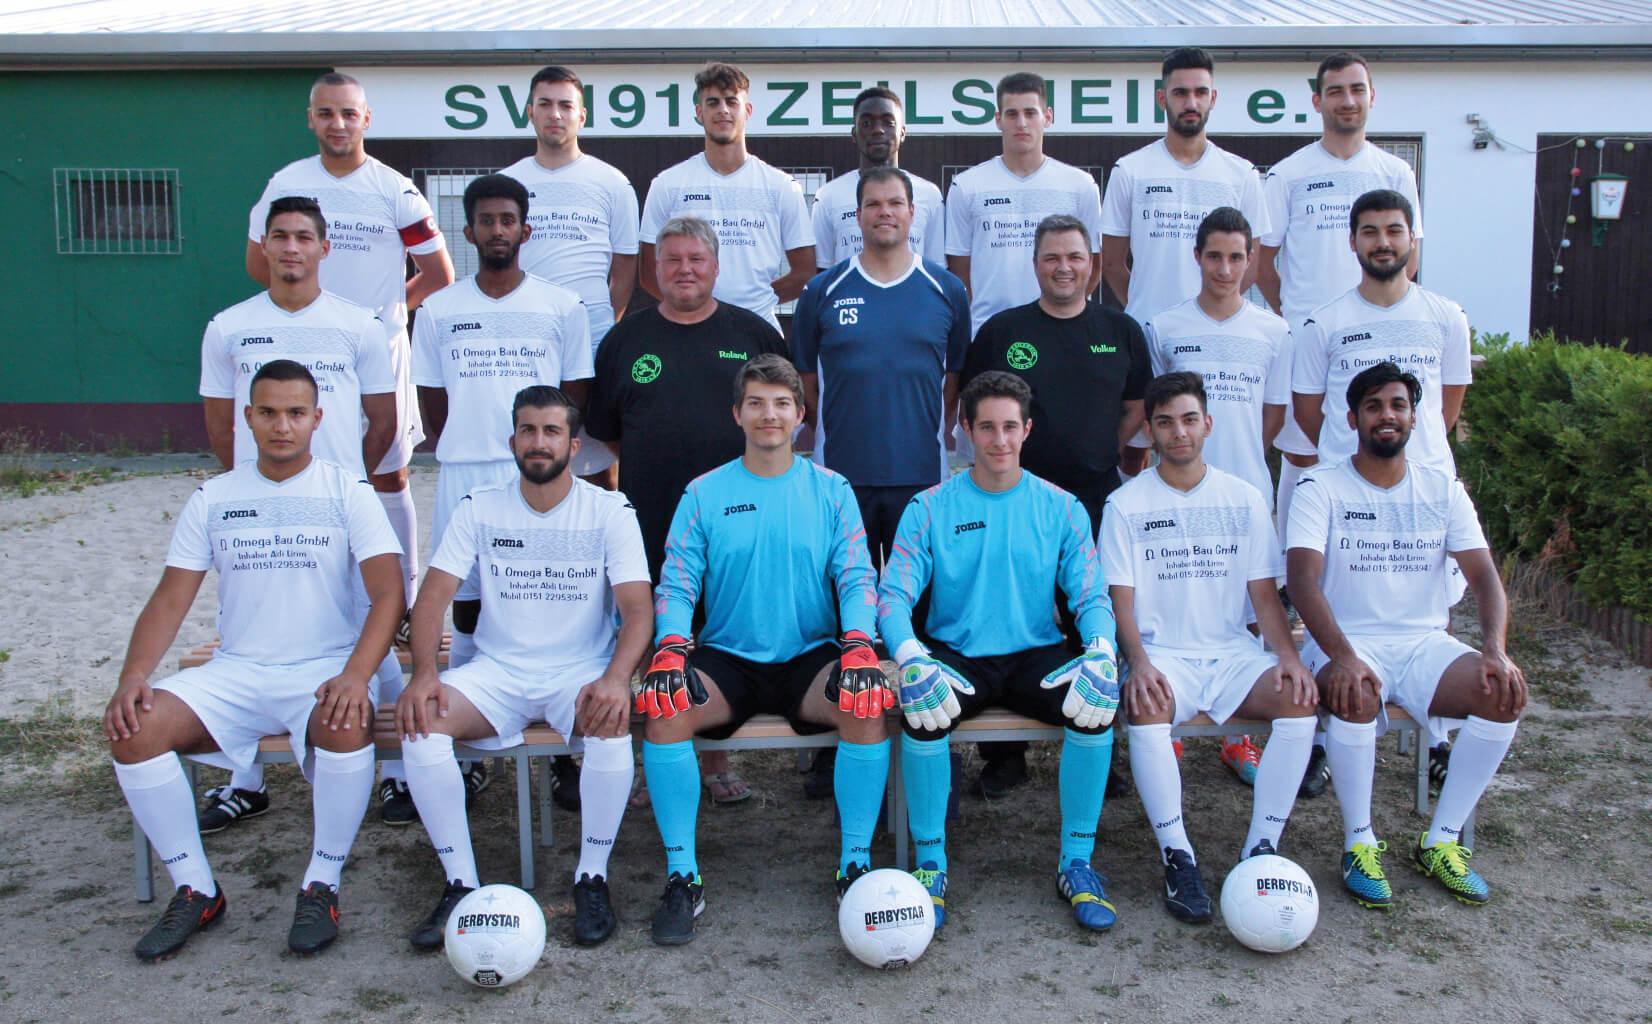 2. Mannschaft des SV 1919 Zeilsheim in der Saison 2015/2016